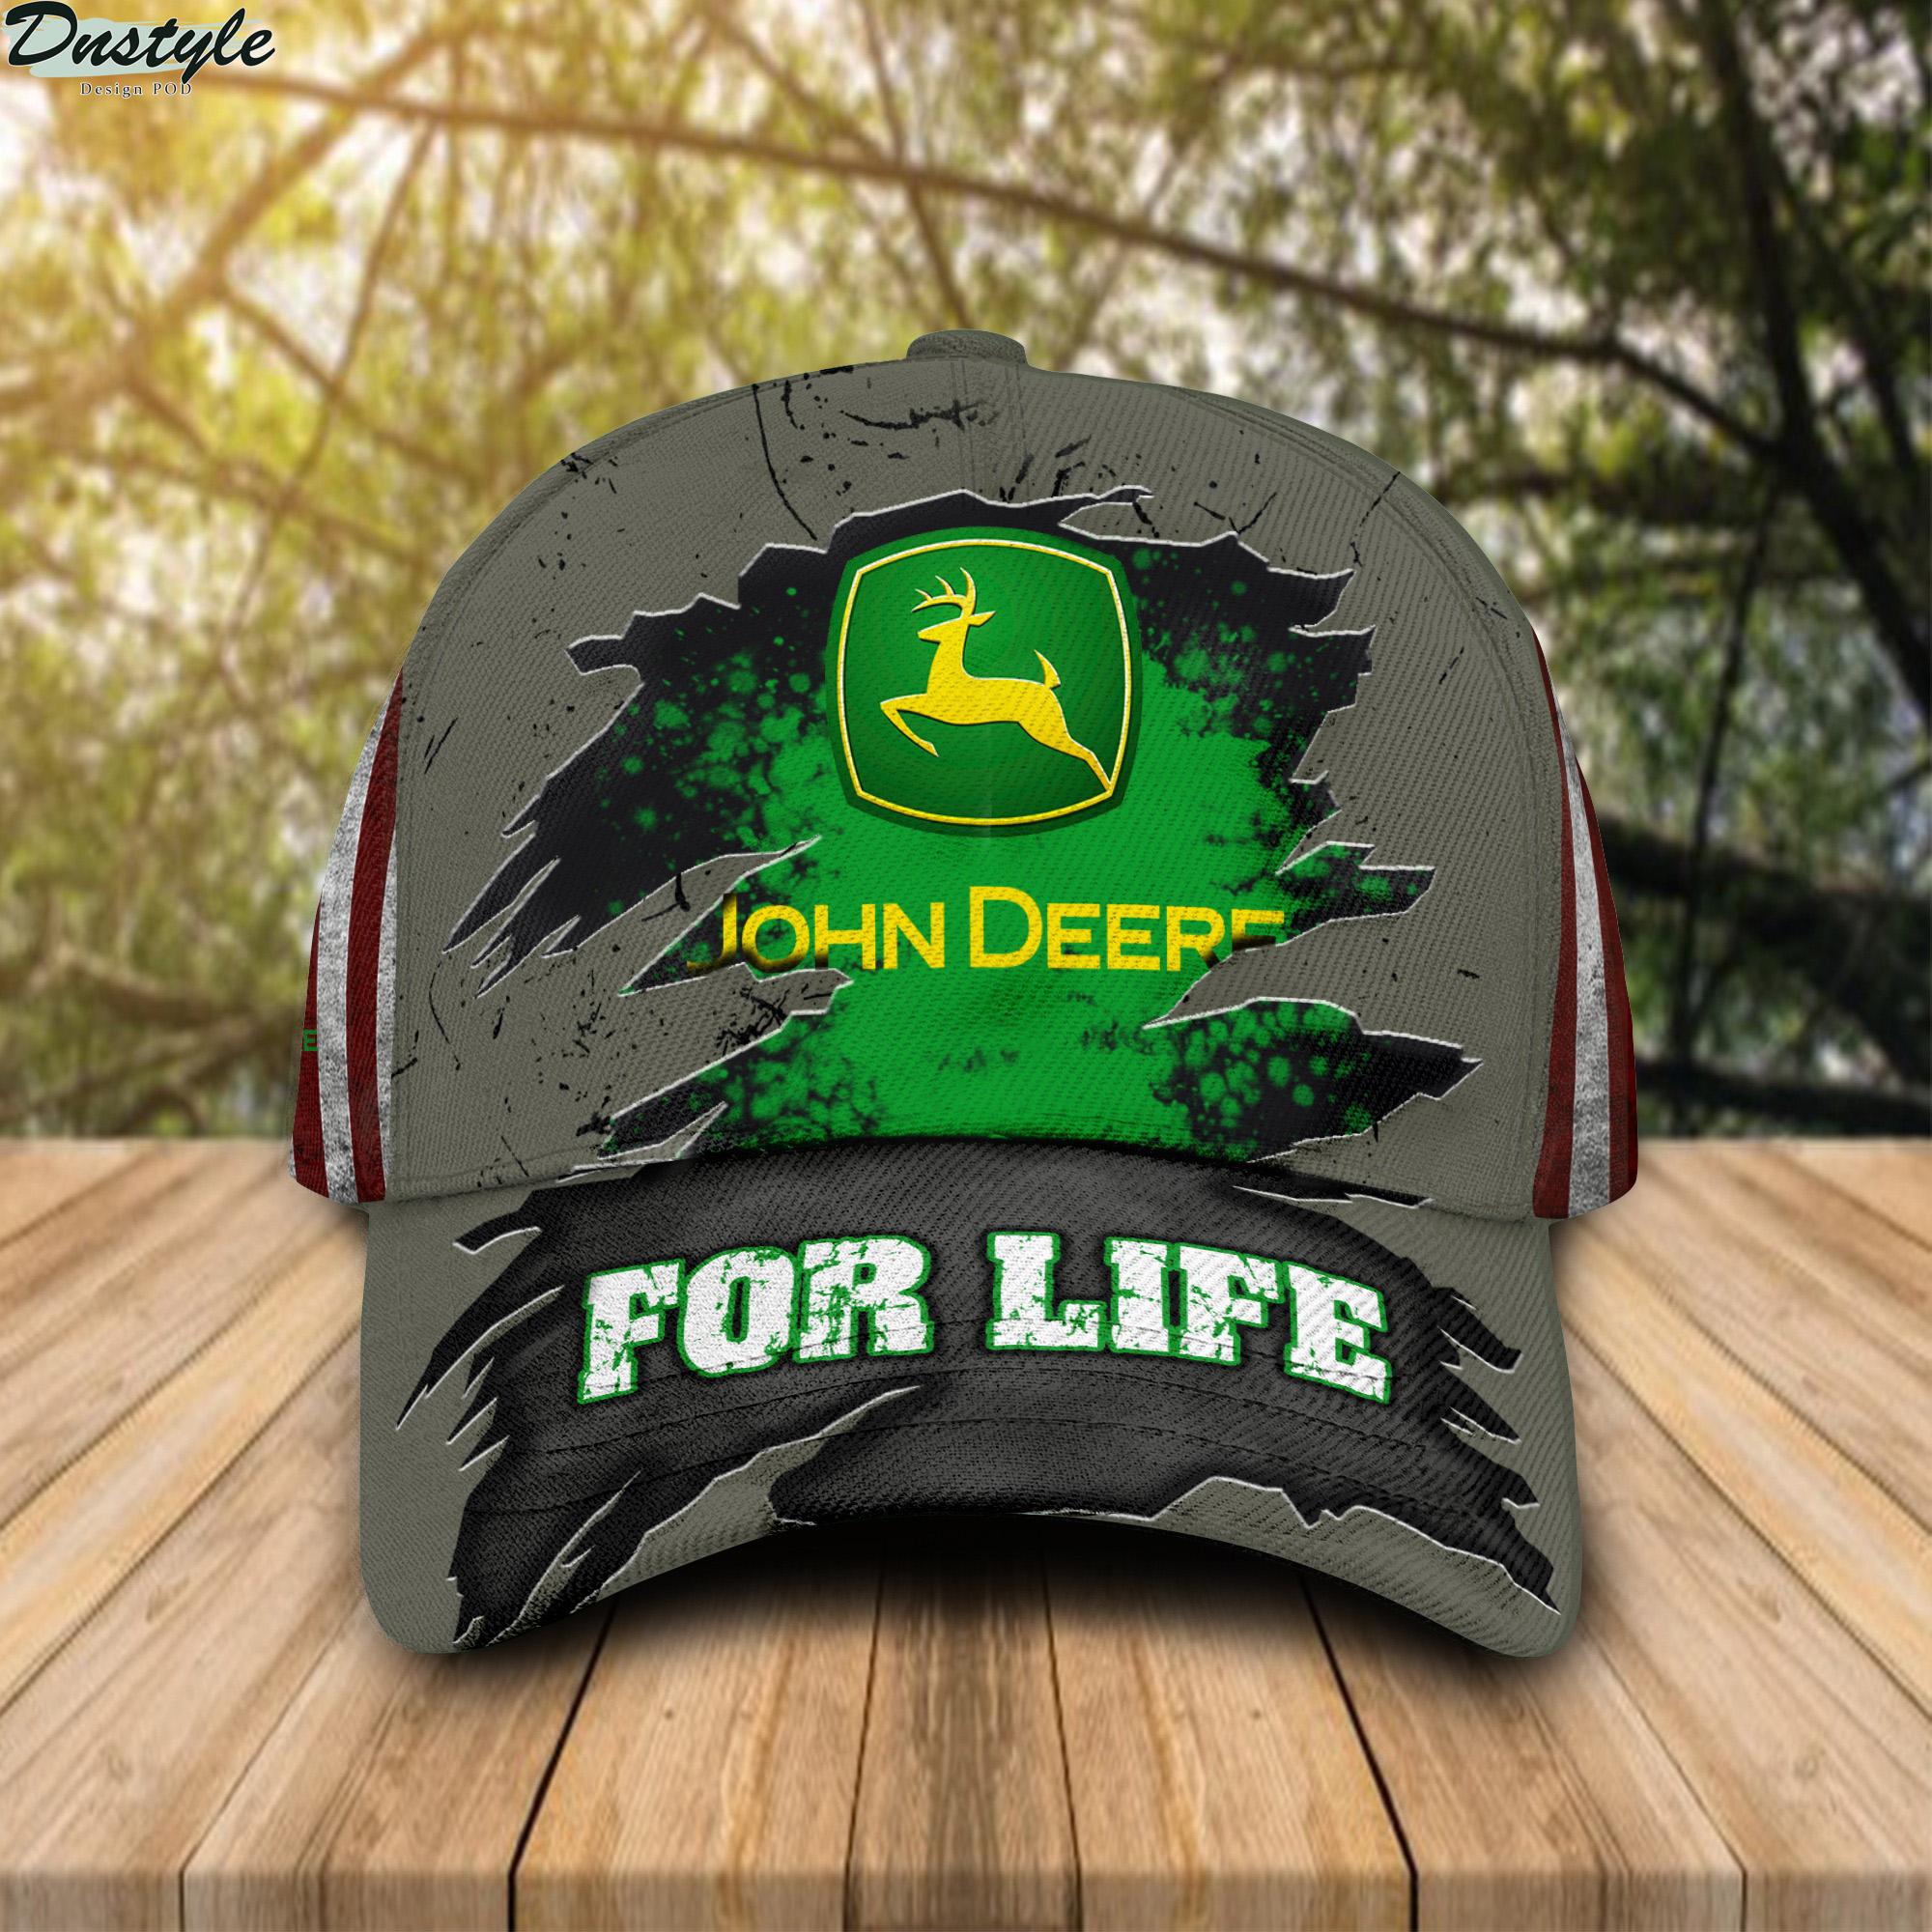 John deere for life cap